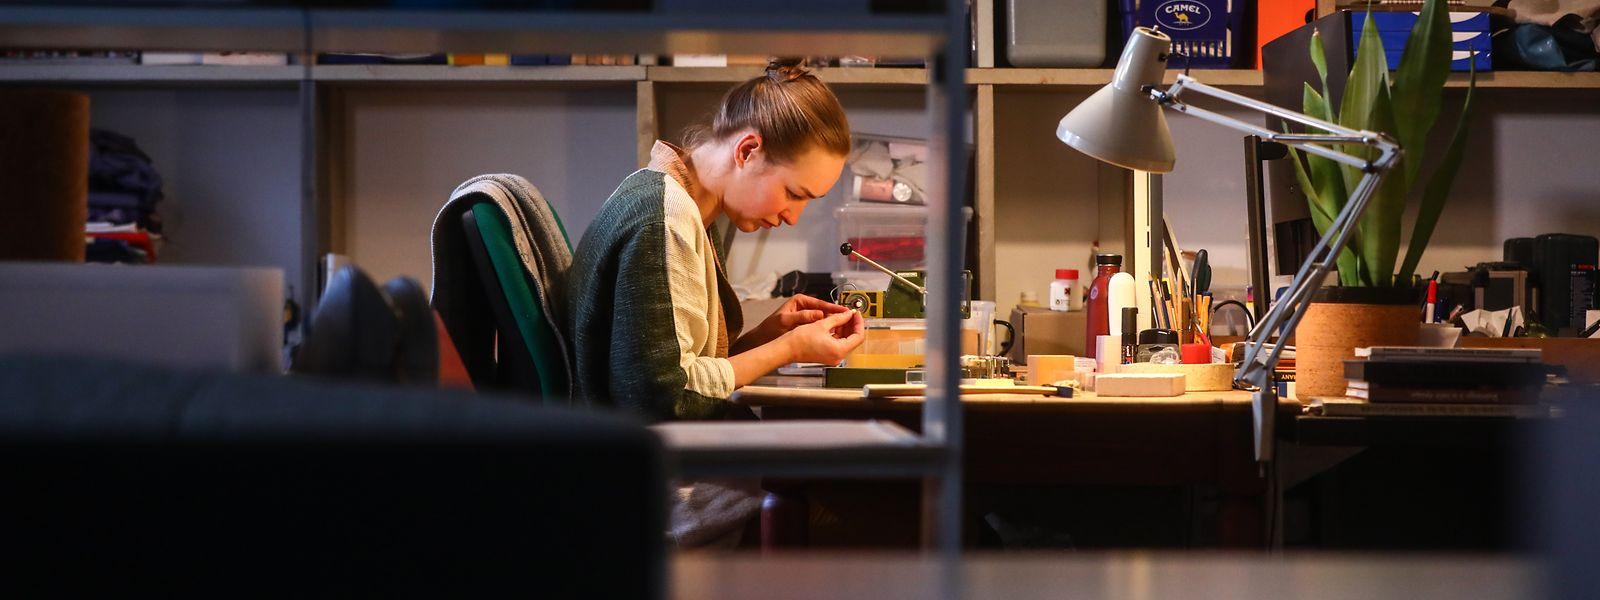 Designerin Lucie Majerus hat eher unkonventionelles Material für ihre Schmuckstücke gewählt